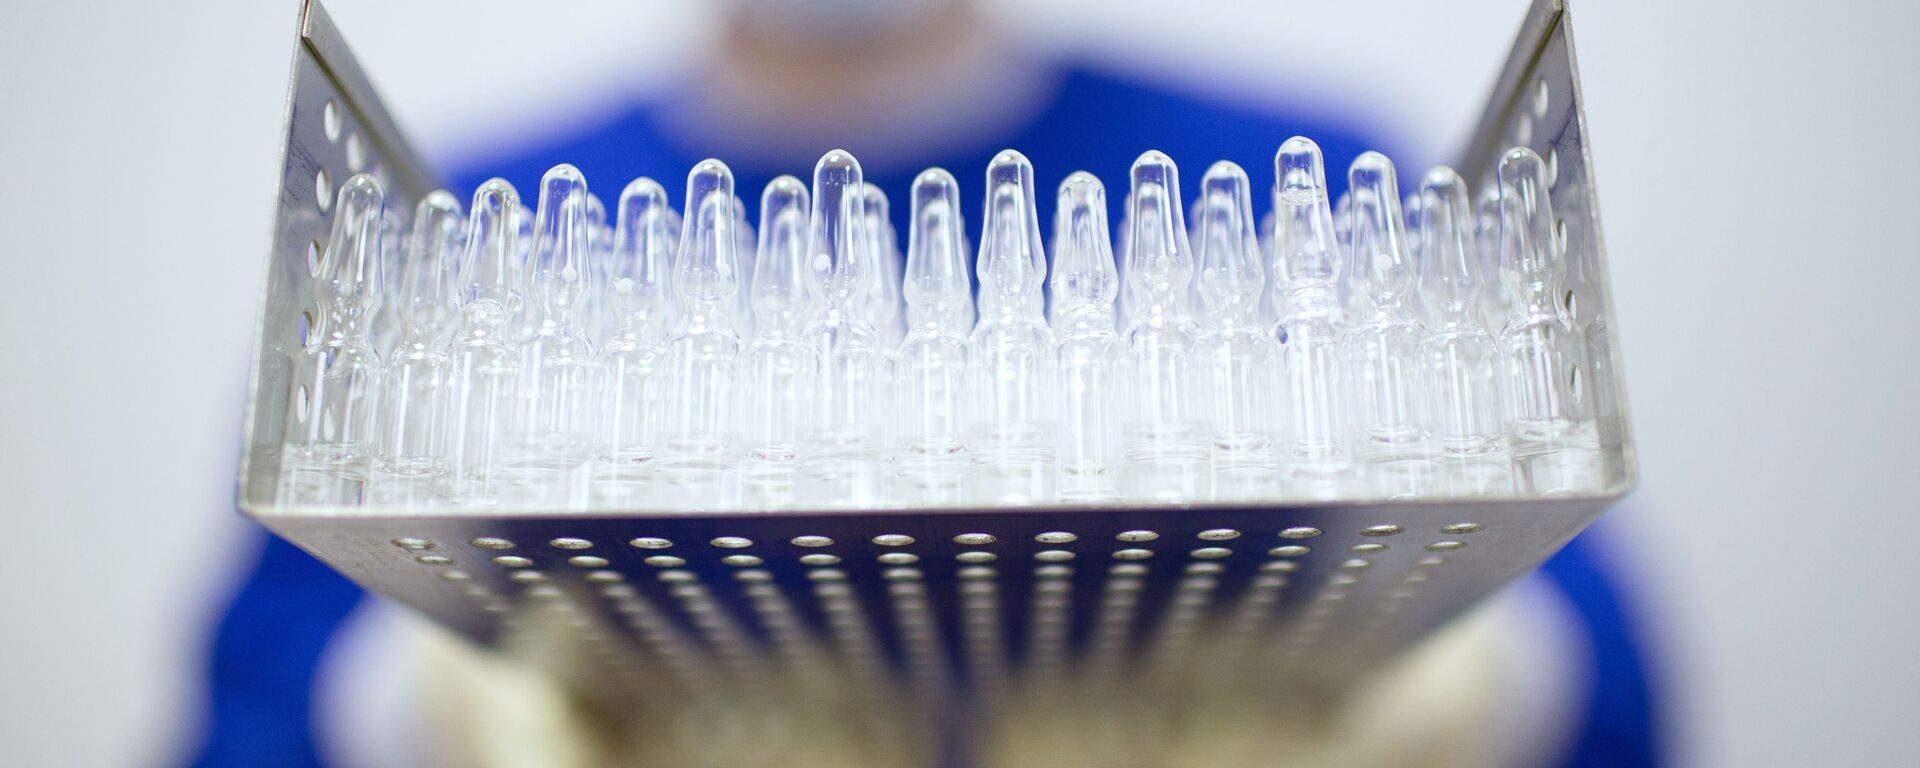 Producción de la vacuna contra el COVID-19 (imagen referencial) - Sputnik Mundo, 1920, 18.02.2021